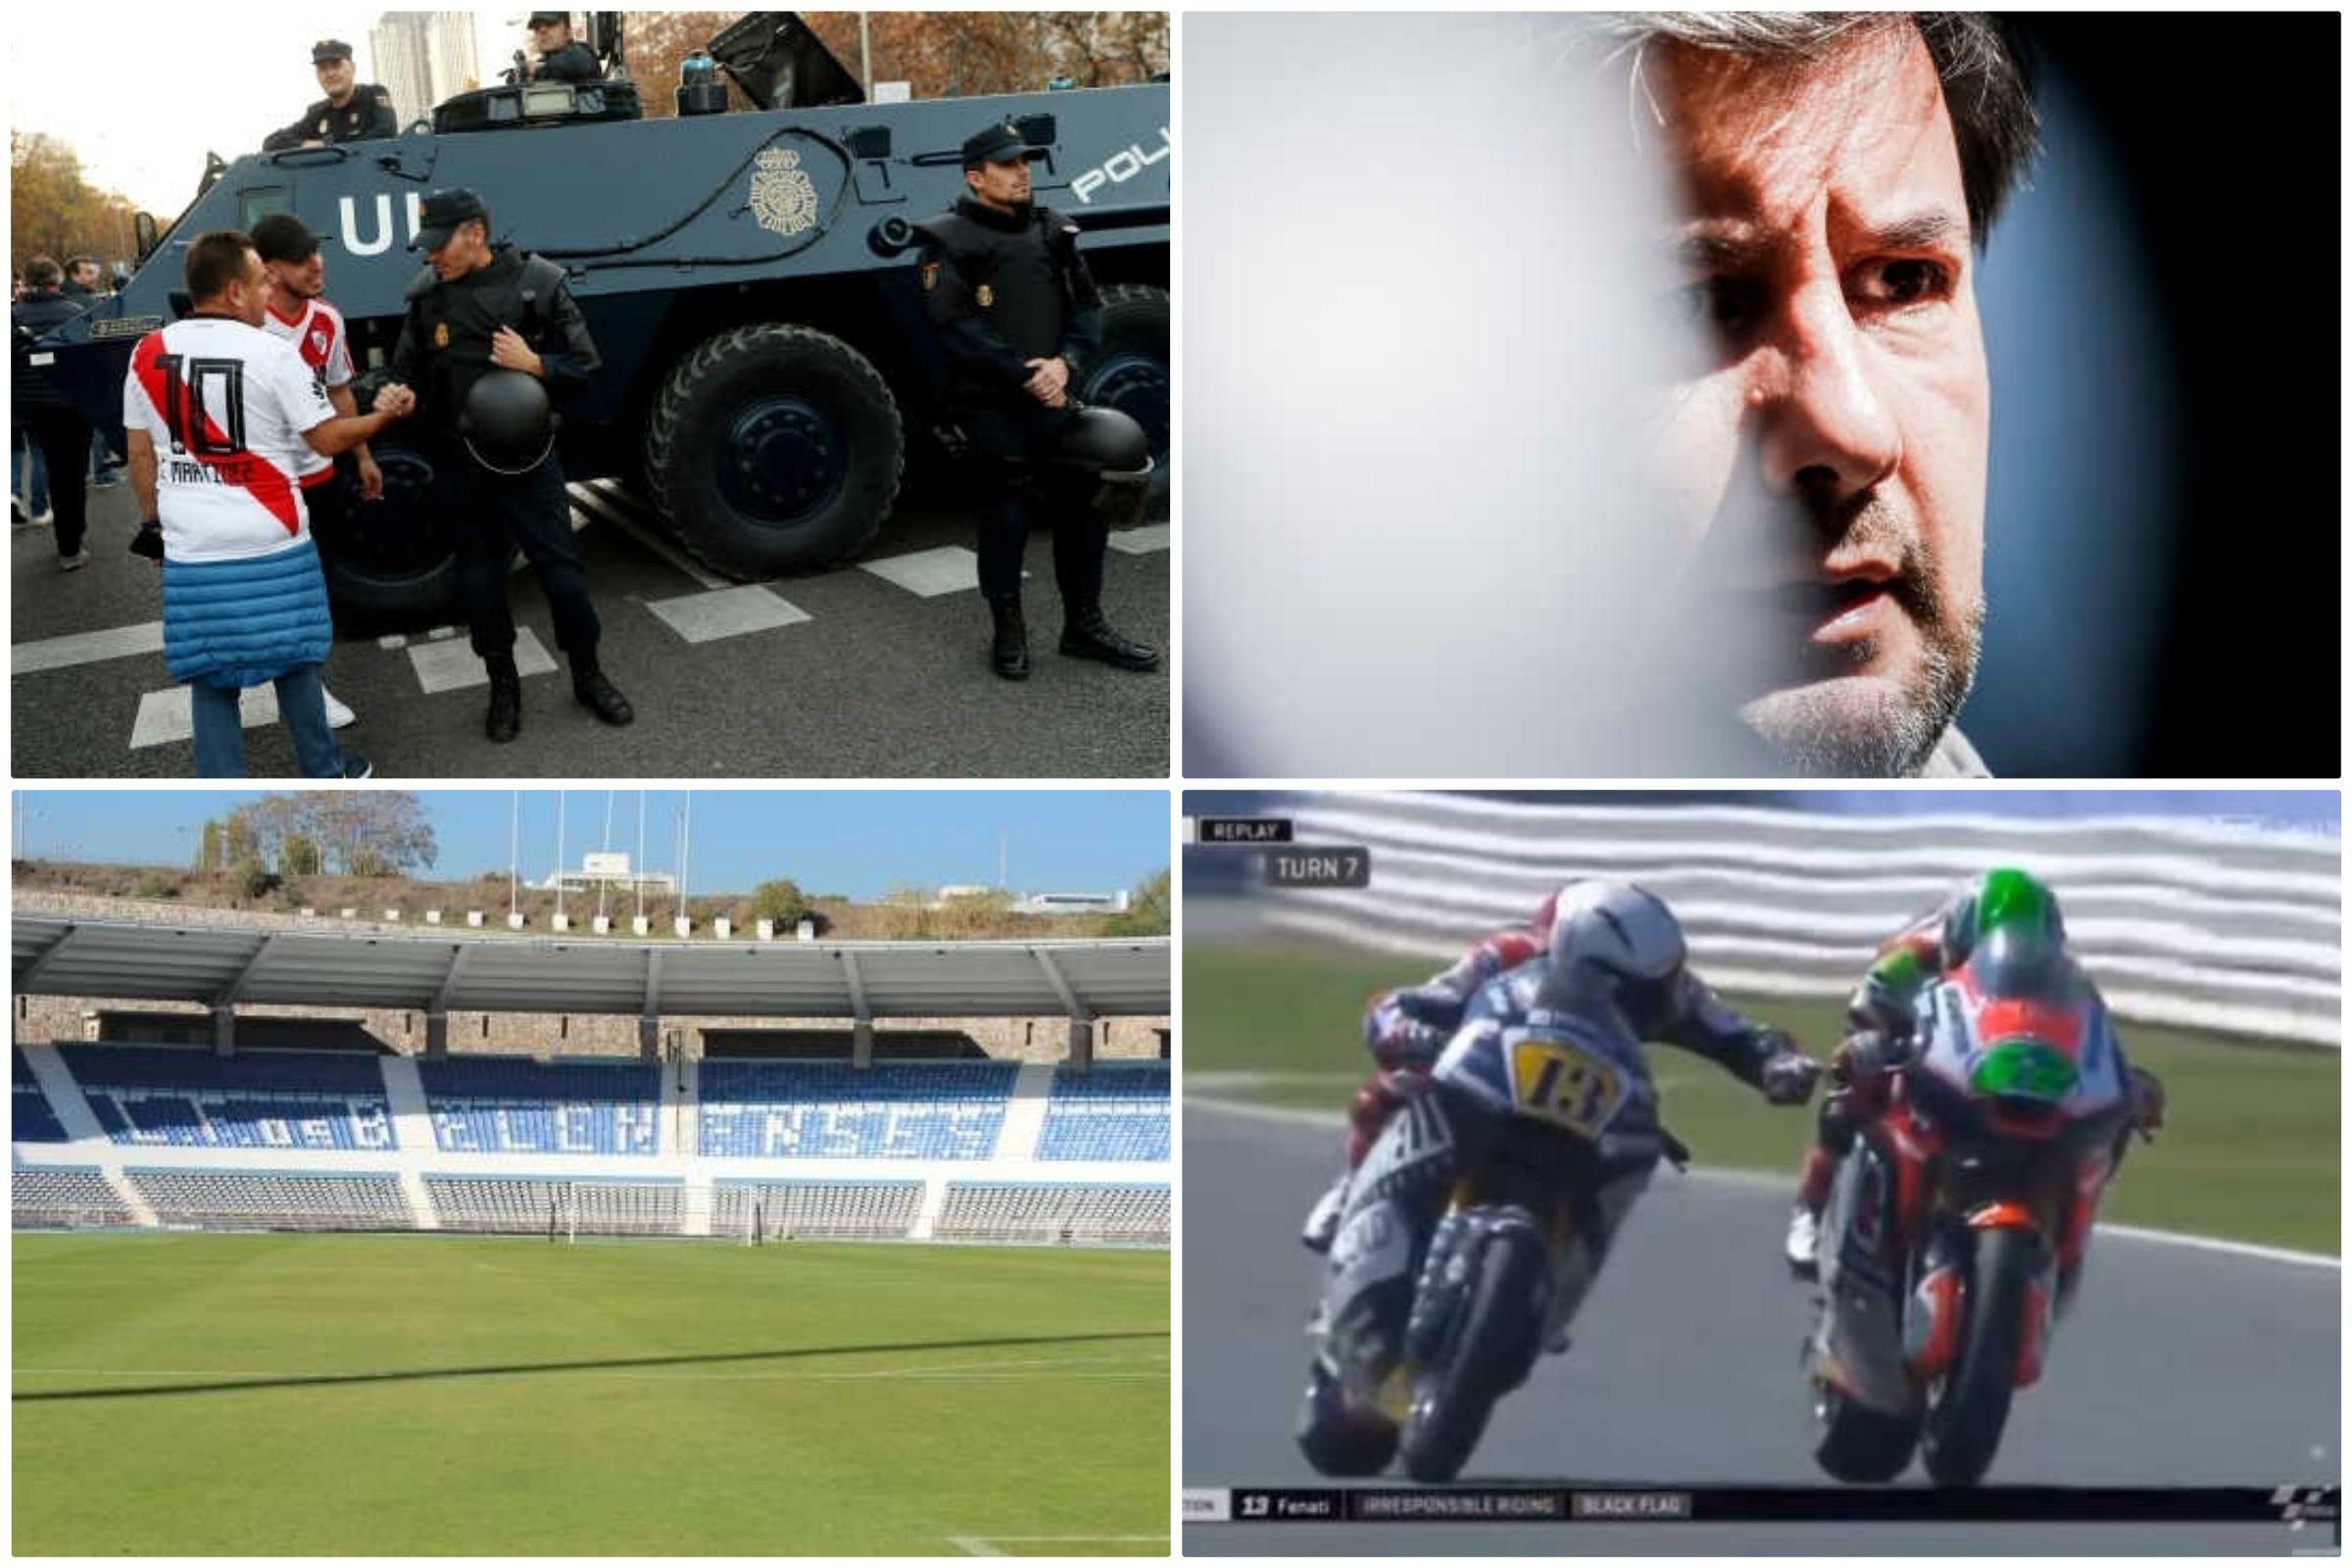 Polémicas do ano: Da separação na Liga à vida colocada em risco no Moto2